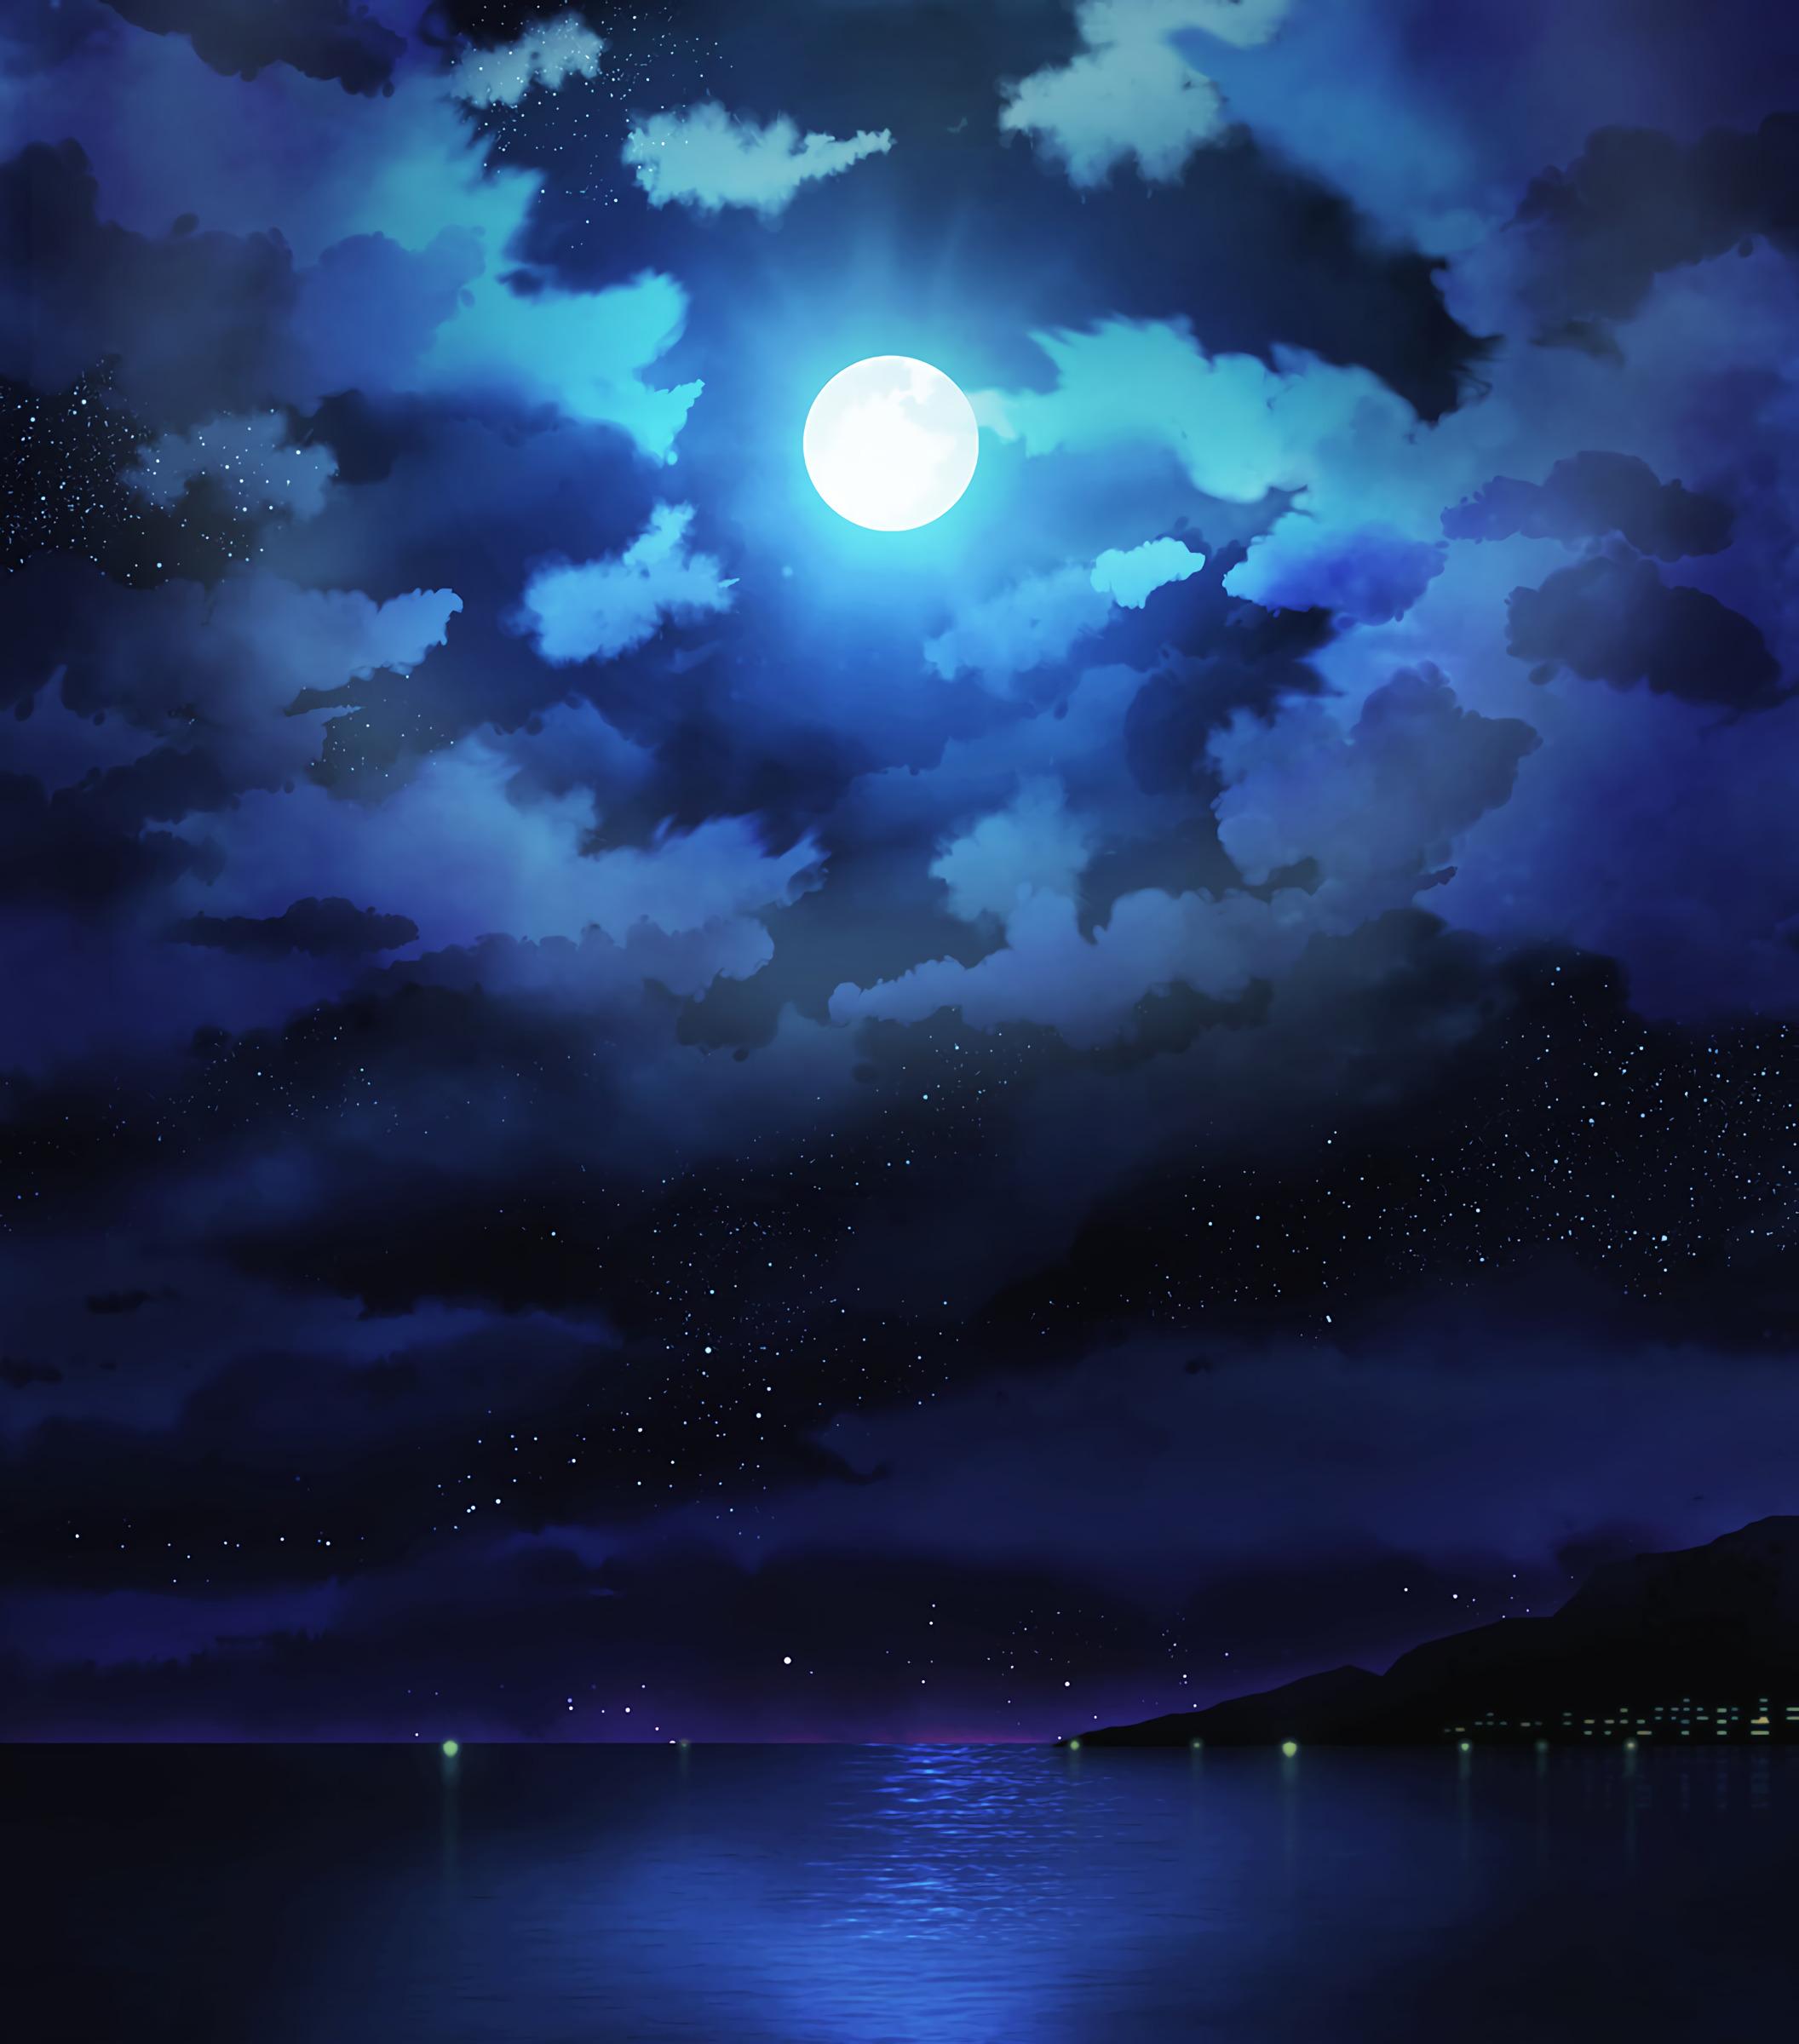 92118 papel de parede 1080x2400 em seu telefone gratuitamente, baixe imagens Arte, Mar, Estrelas, Noite, Nuvens, Lua, Horizonte 1080x2400 em seu celular